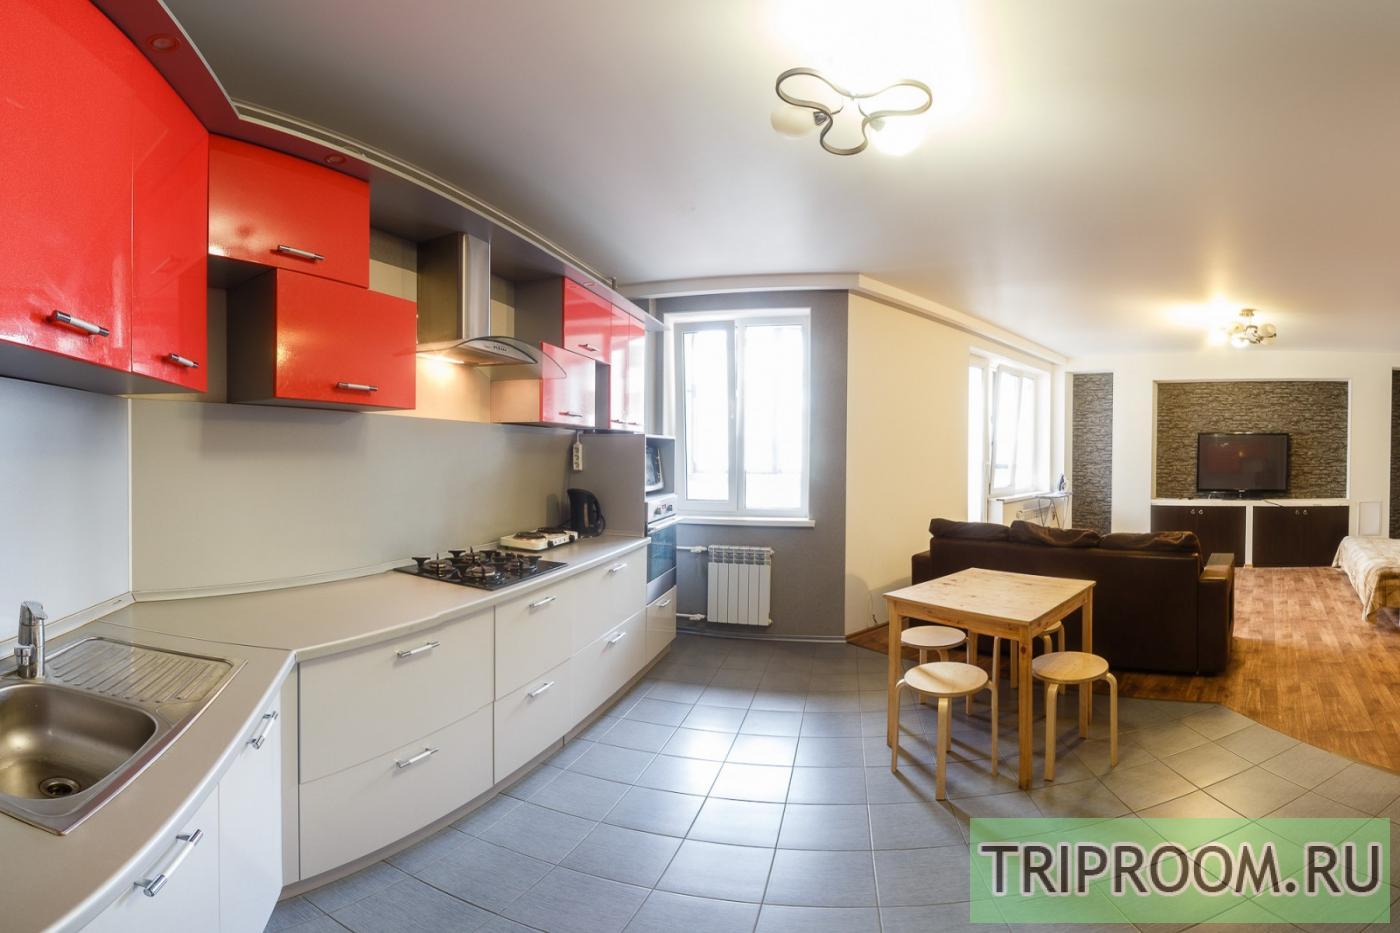 2-комнатная квартира посуточно (вариант № 4976), ул. Волочаевская улица, фото № 2